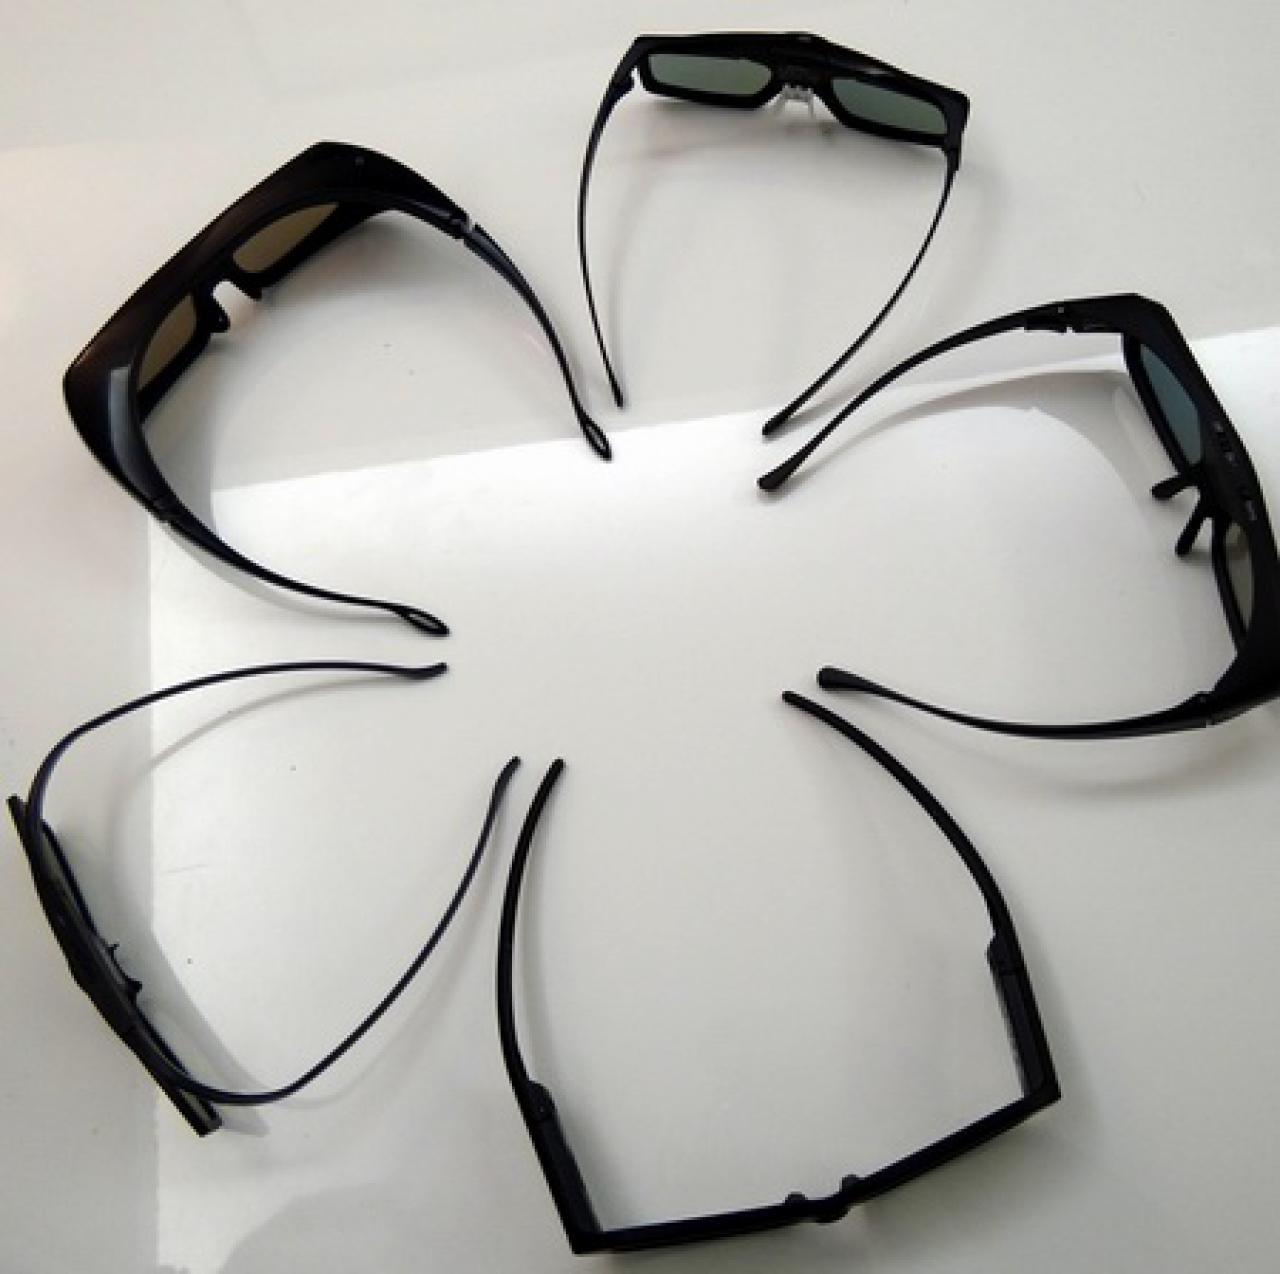 Heimkino 3D Beamer - großer 3D Brillen Praxis Test 2014